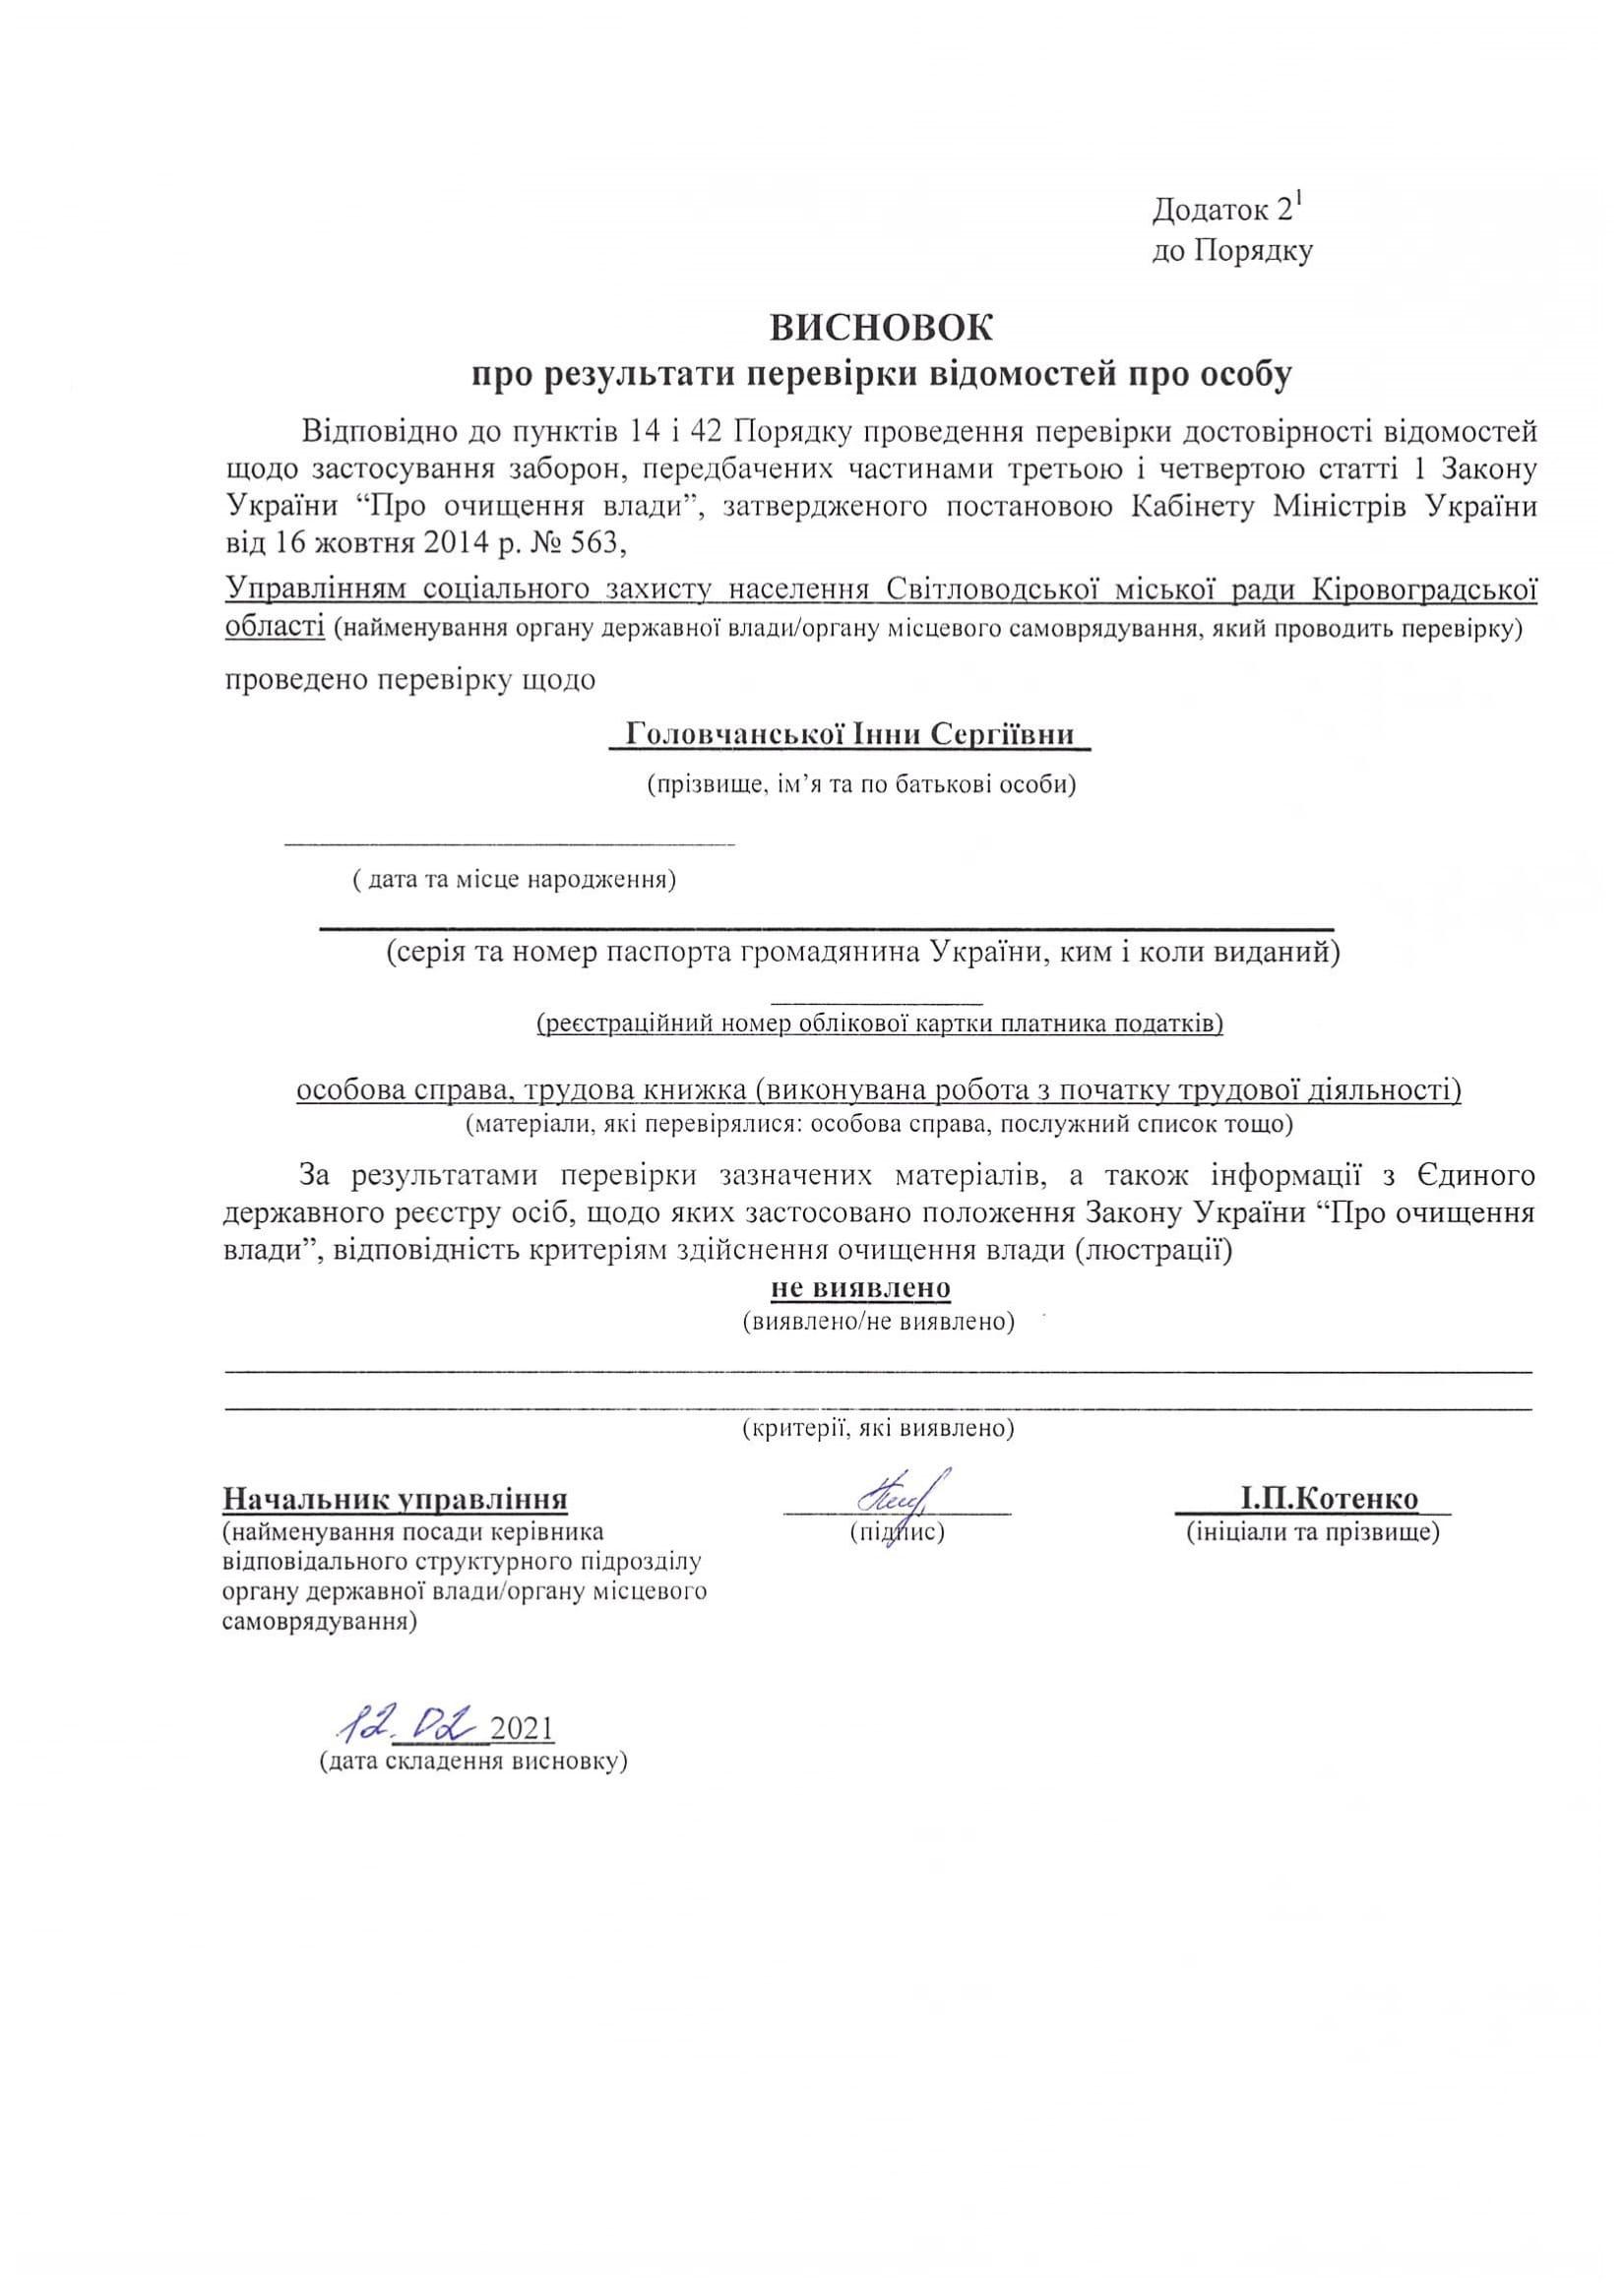 Результати перевірки відомостей Рак А.Ю.,Головчанської І.С., Будченко О.В.